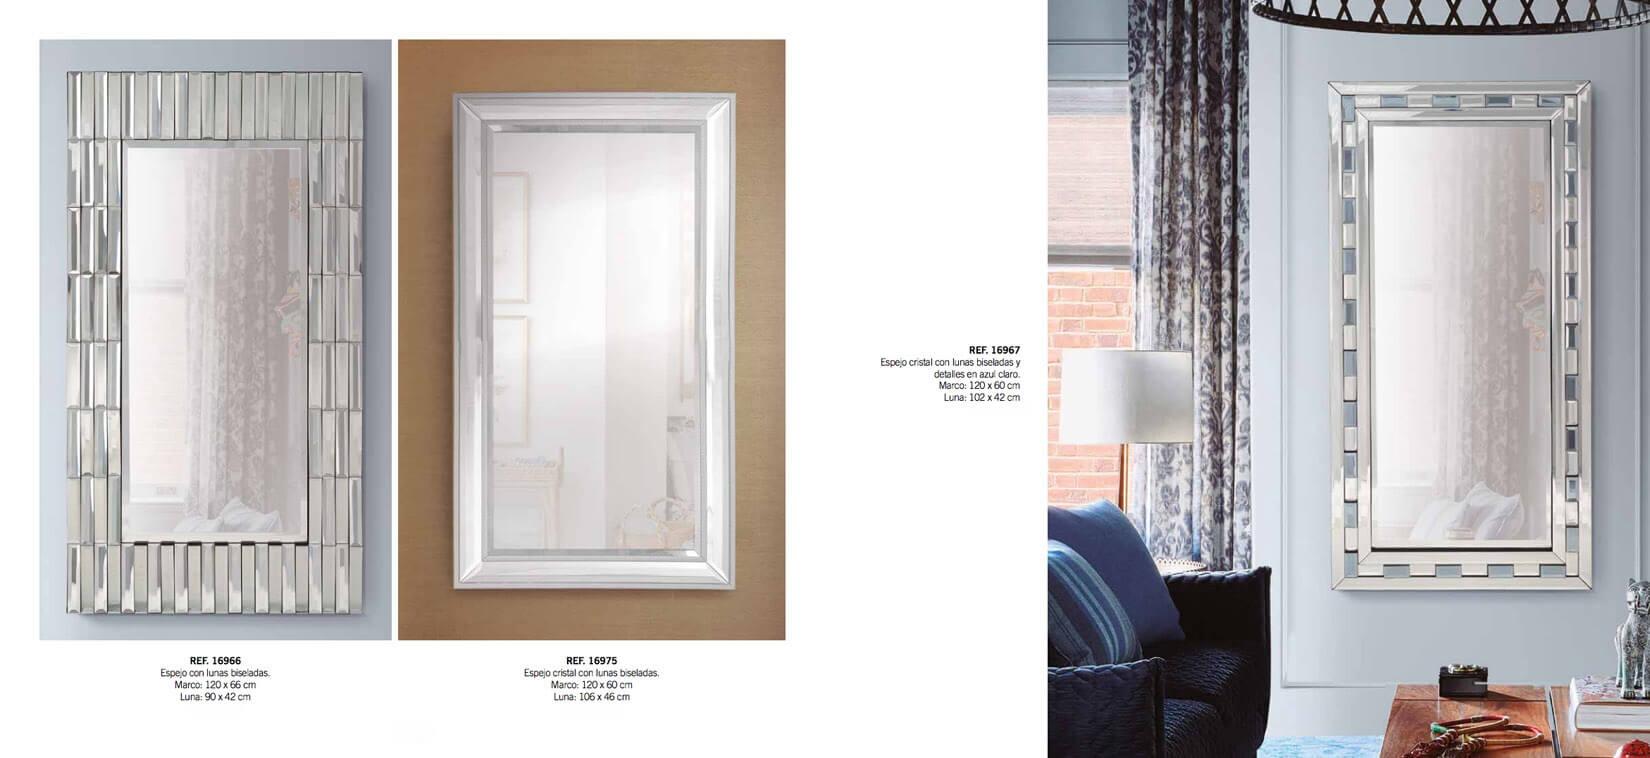 Interiorismo Espejos GYC - Ref. 0004